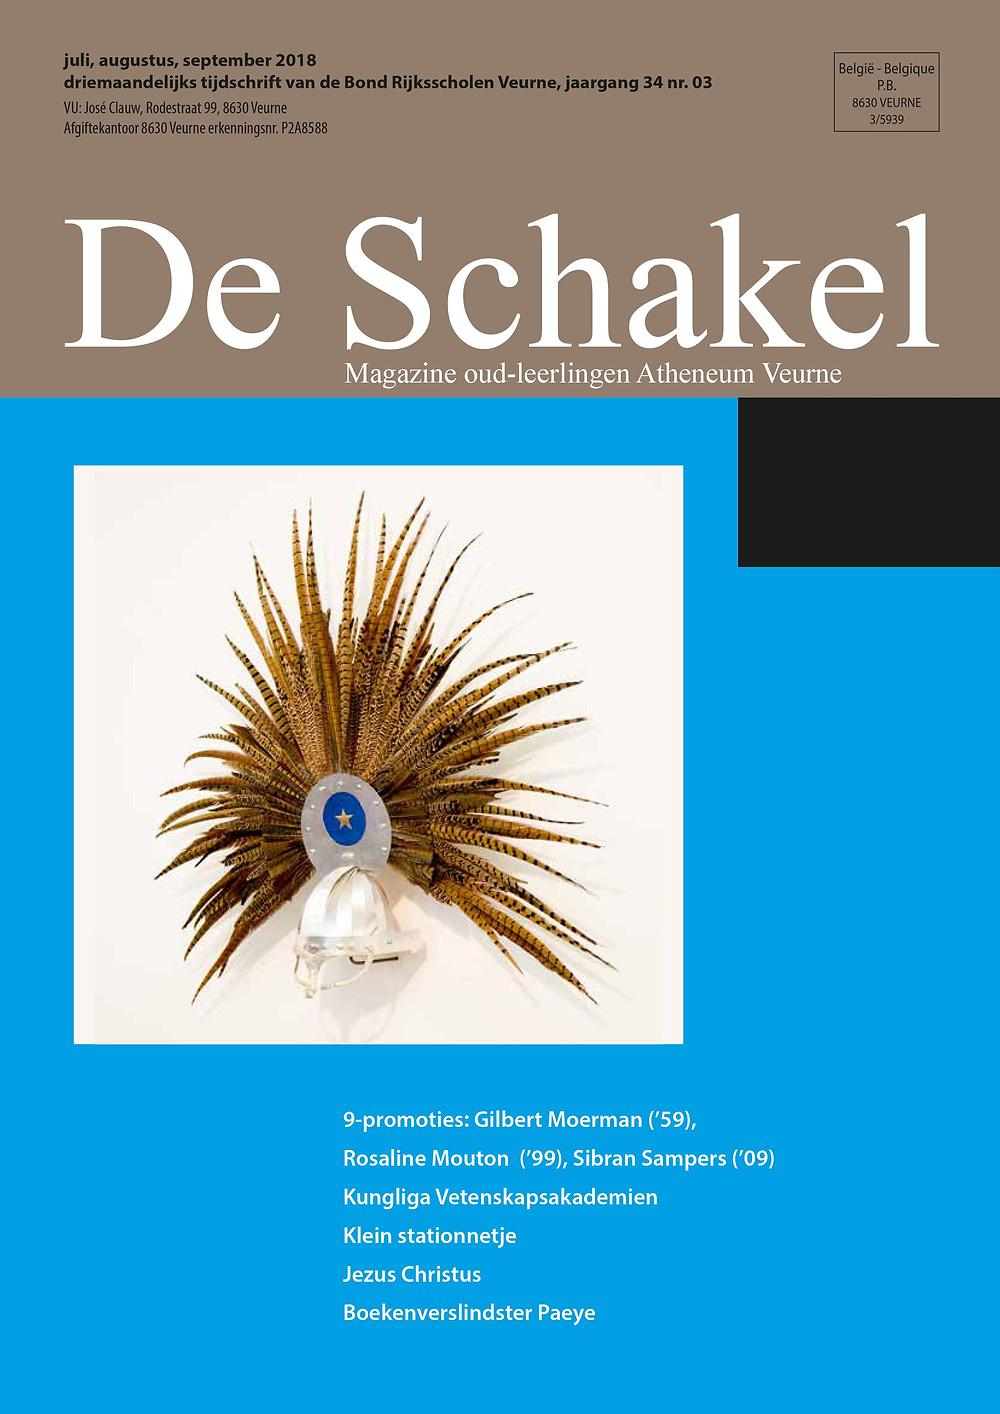 ledenblad De Schakel oud-leerlingenbond atheneum Veurne september 2018